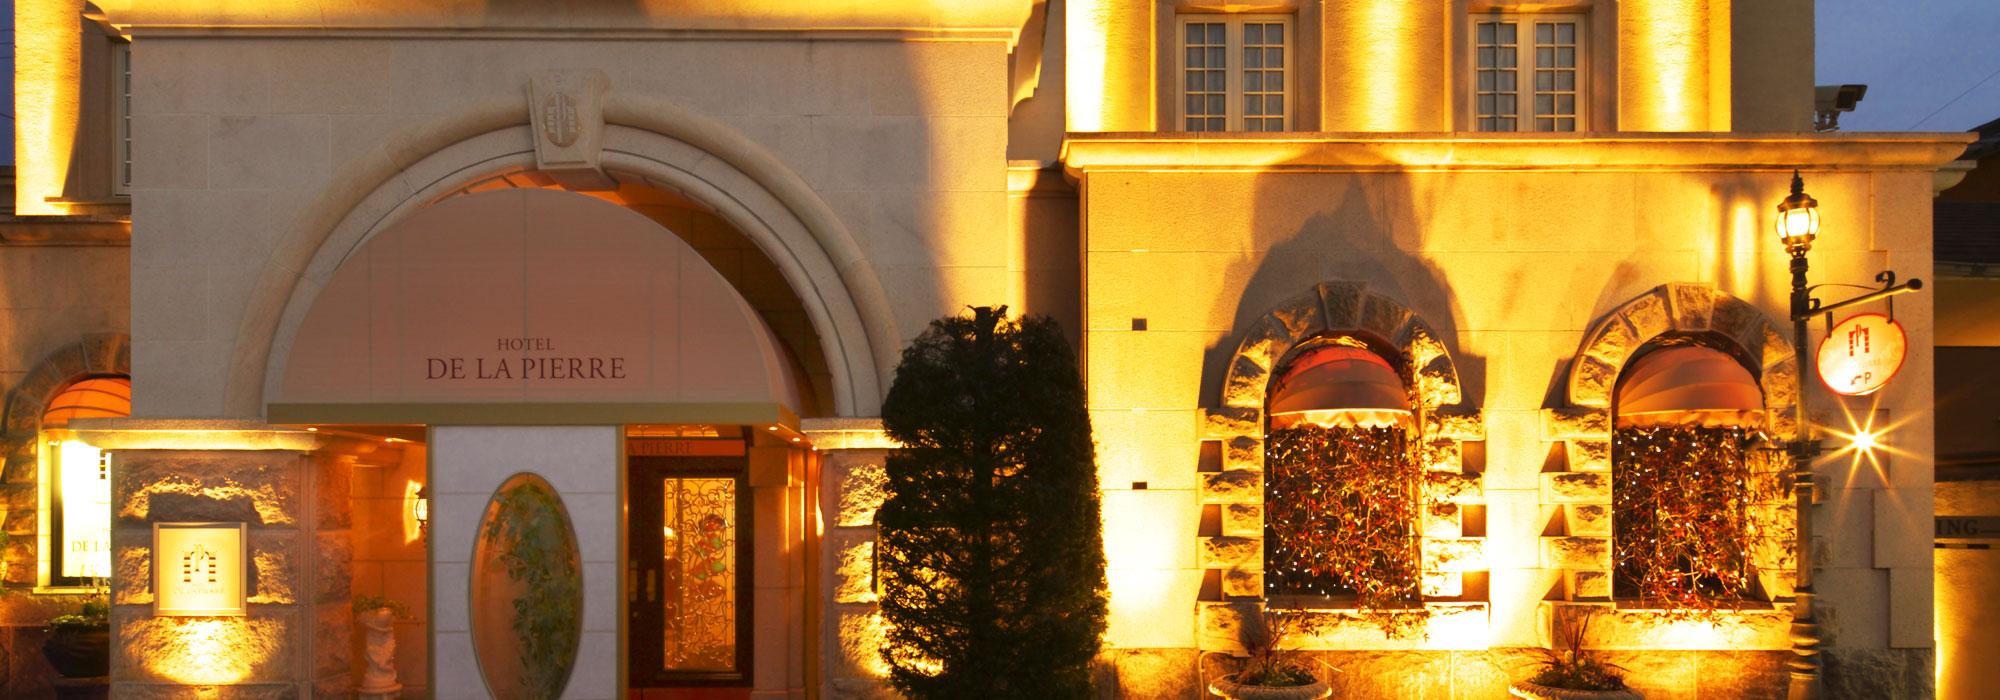 HOTEL DE LA PIERRE|